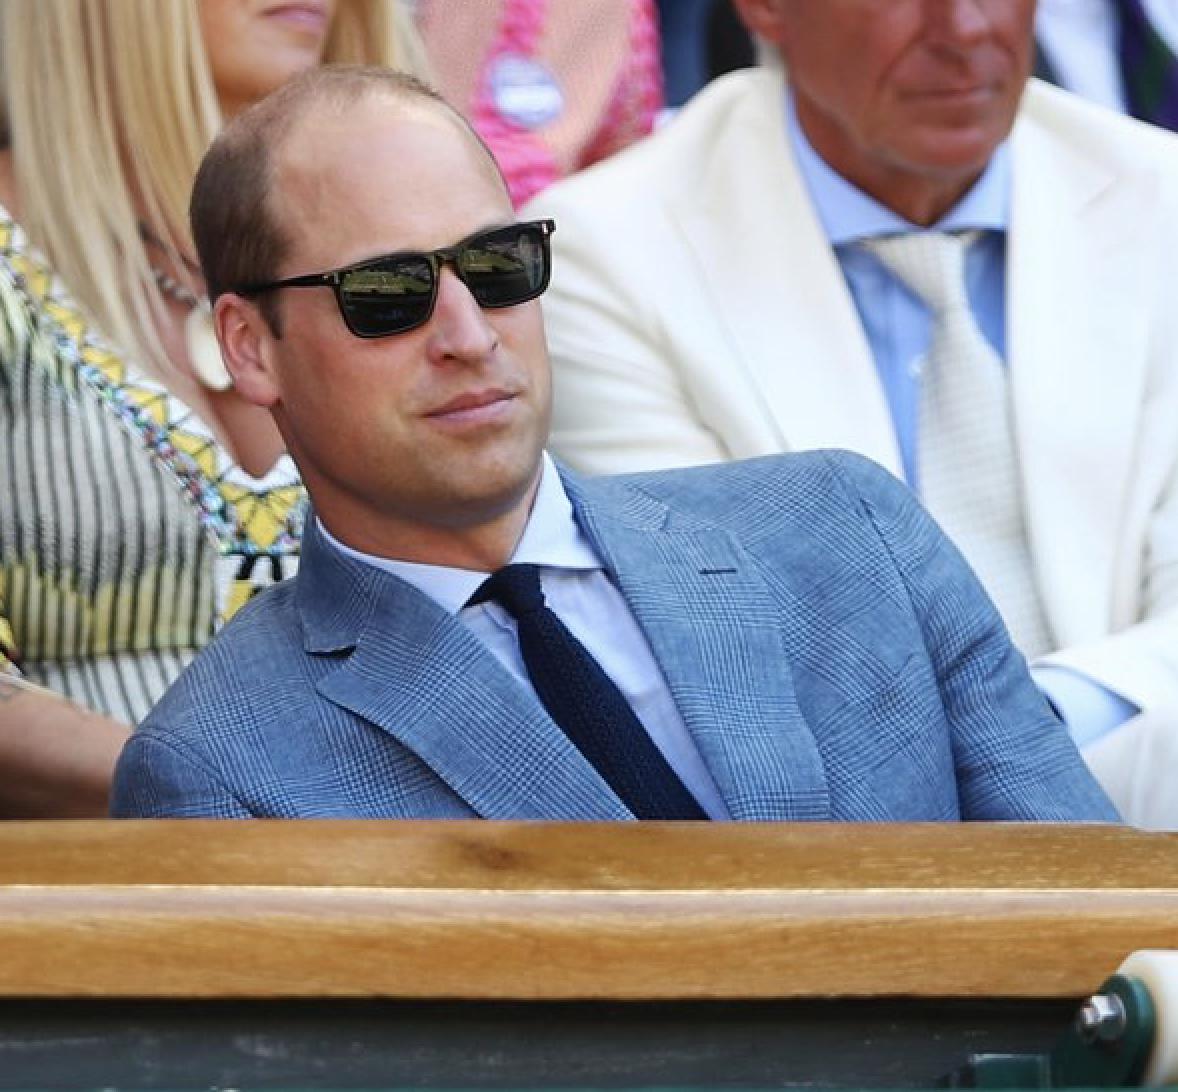 Prince William con gli occhiali.png